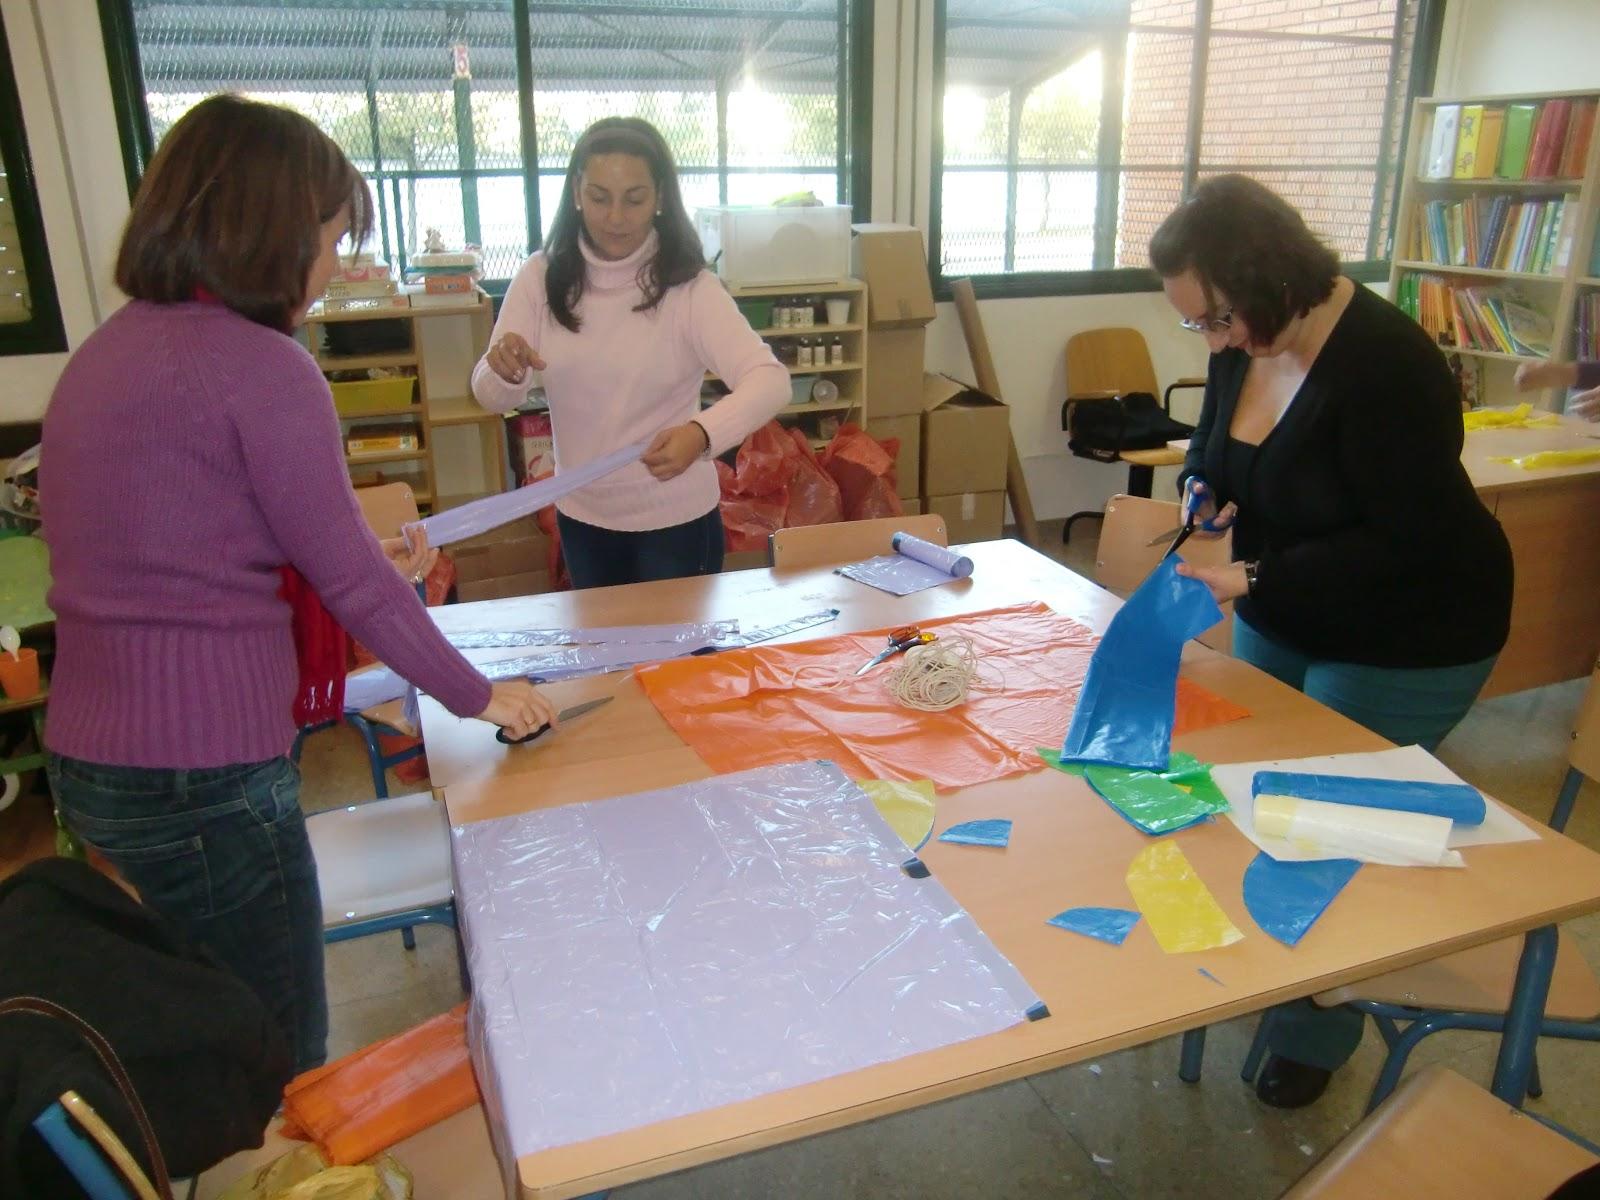 Amanda y luna ayudan a un compañero de clase 3